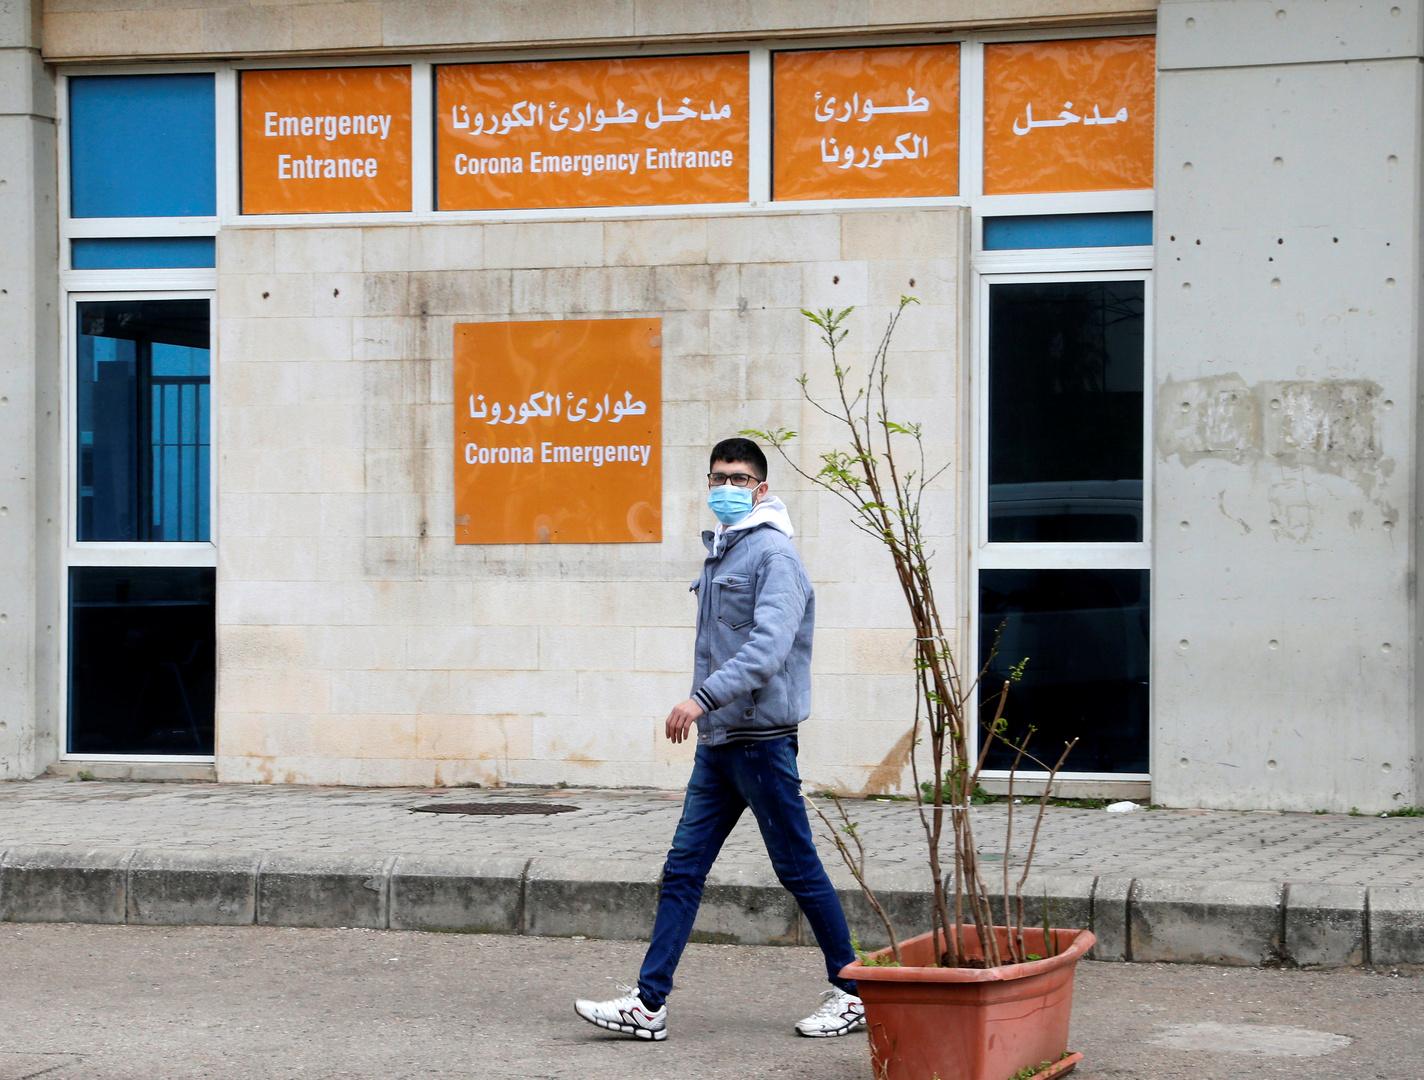 كورونا.. الأردن ولبنان يدخلان قائمة الدول العربية الأكثر تسجيلا للإصابات والوفيات